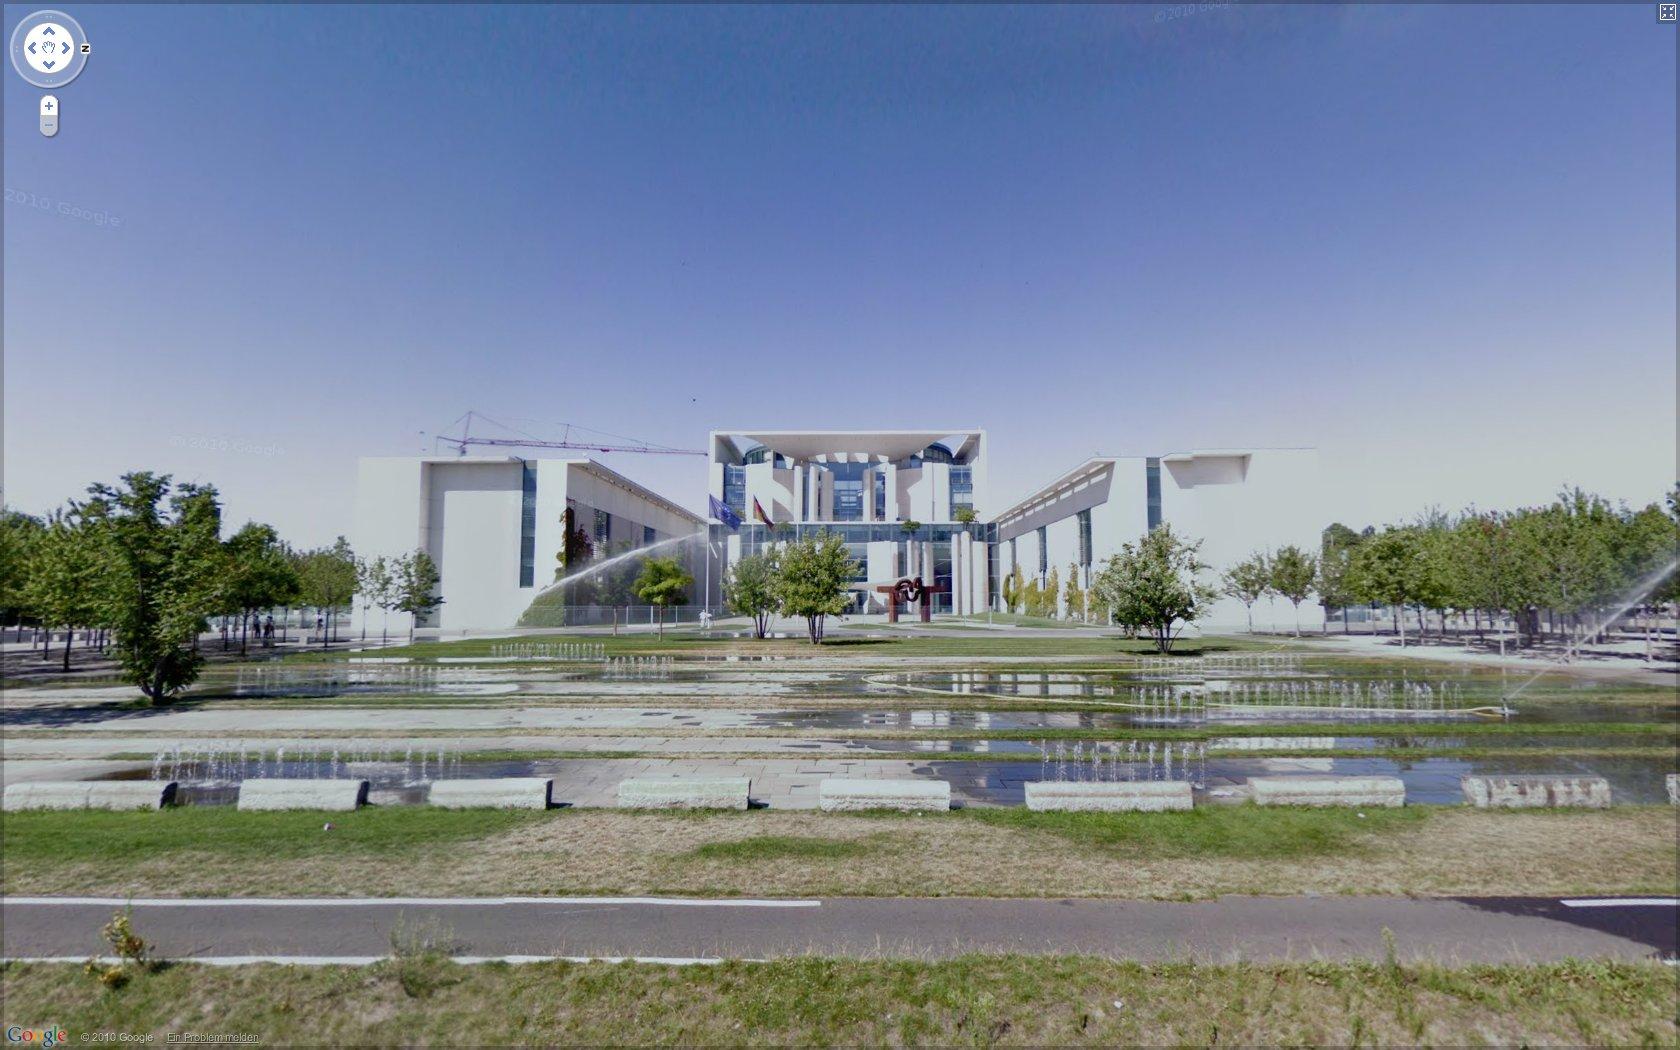 Straßenfotos: Google Street View in Deutschland gestartet - Google Street View: Kanzleramt in Berlin